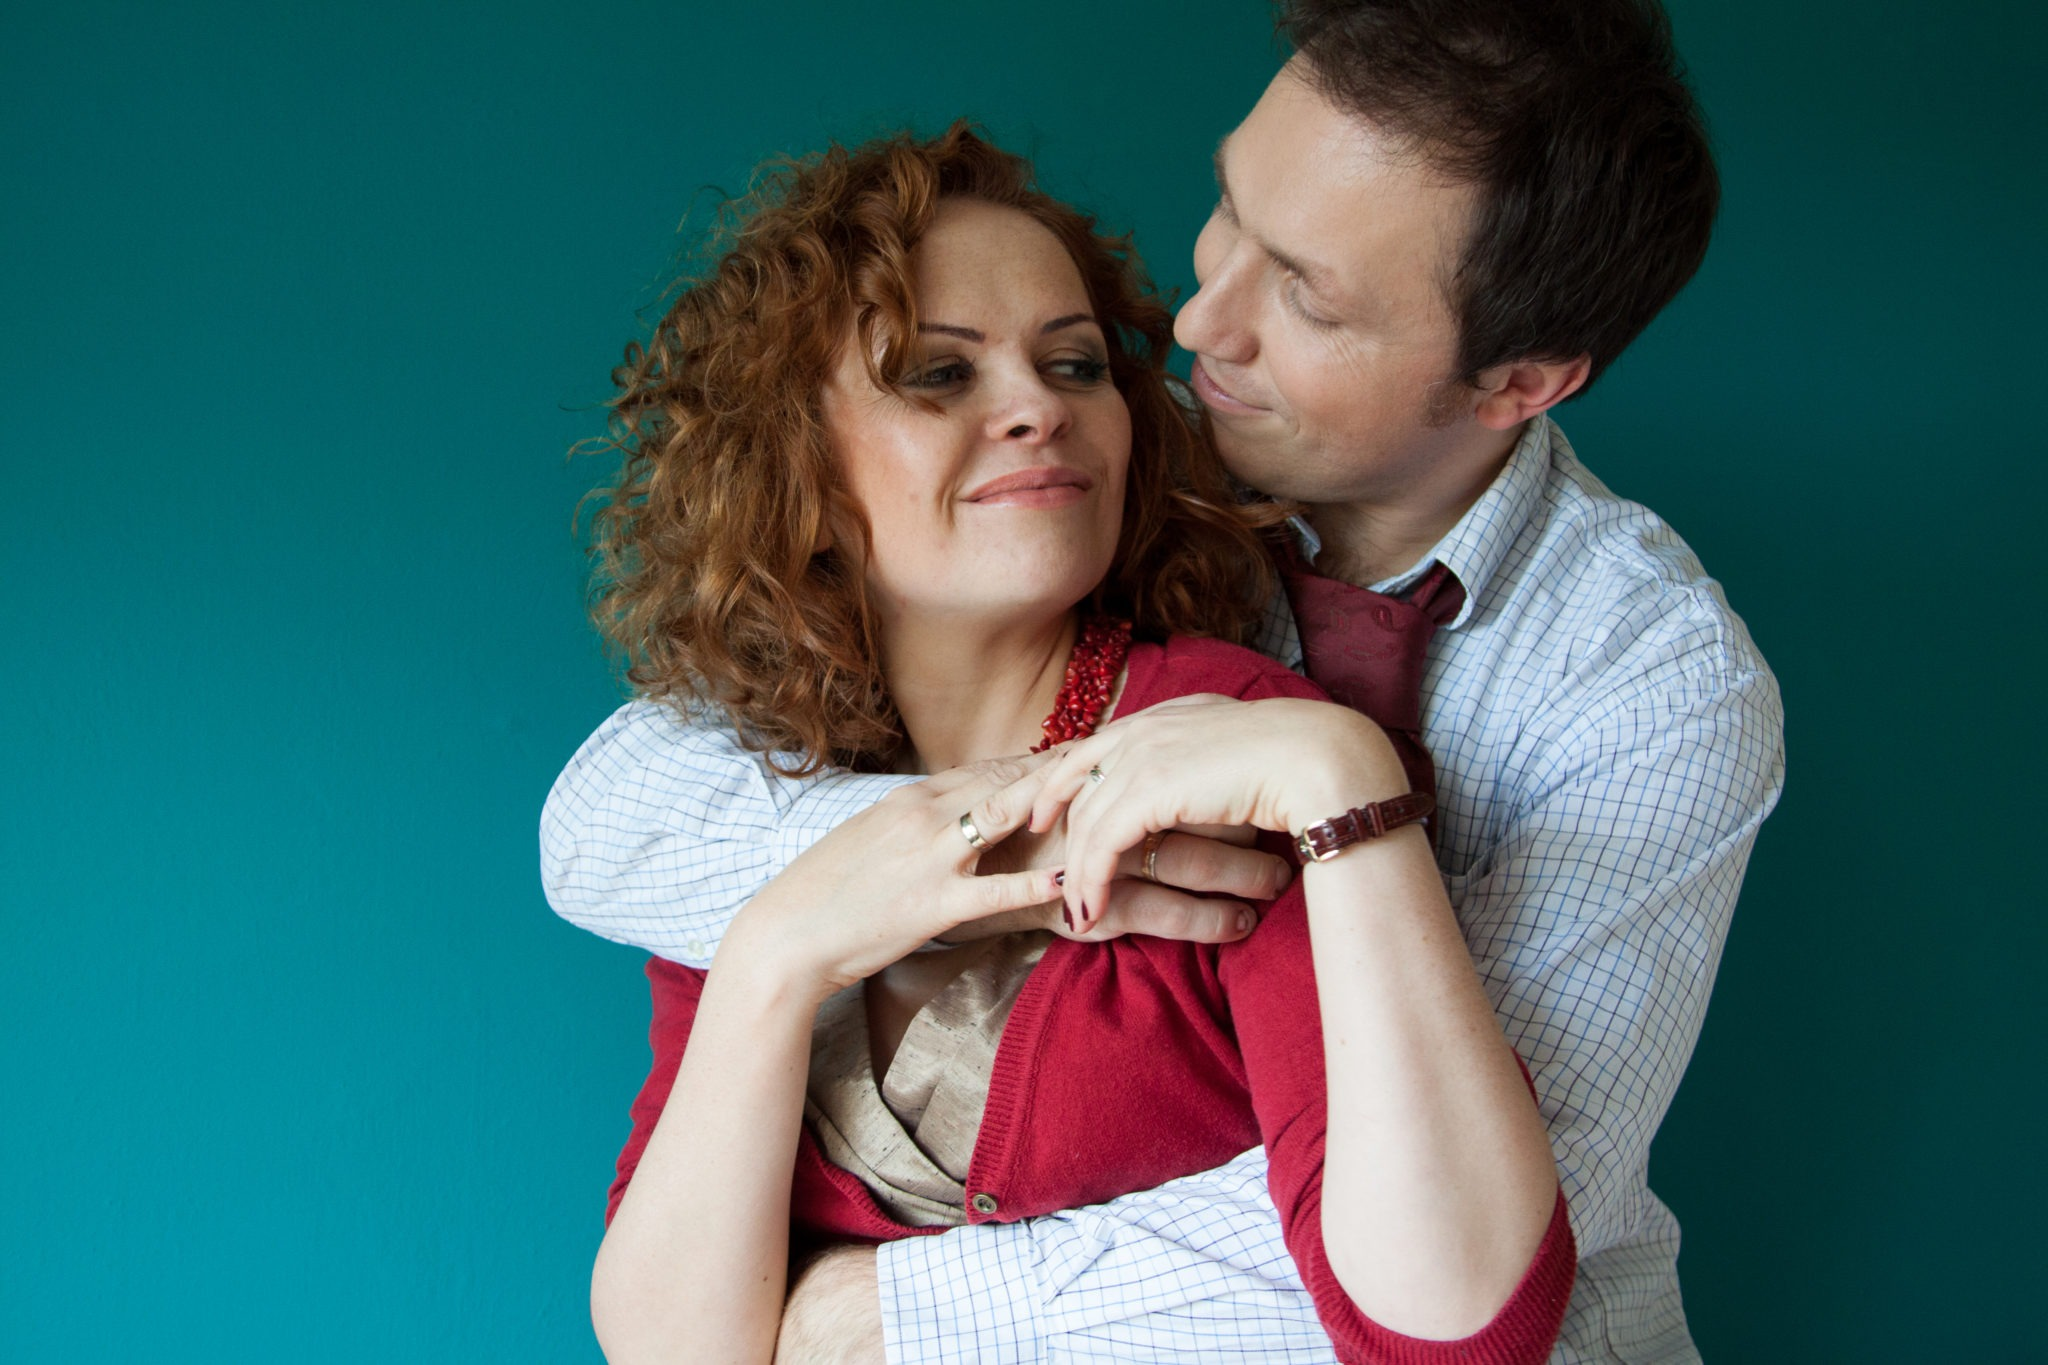 Małżeństwo nie umawia się ze wszystkimi piosenkami